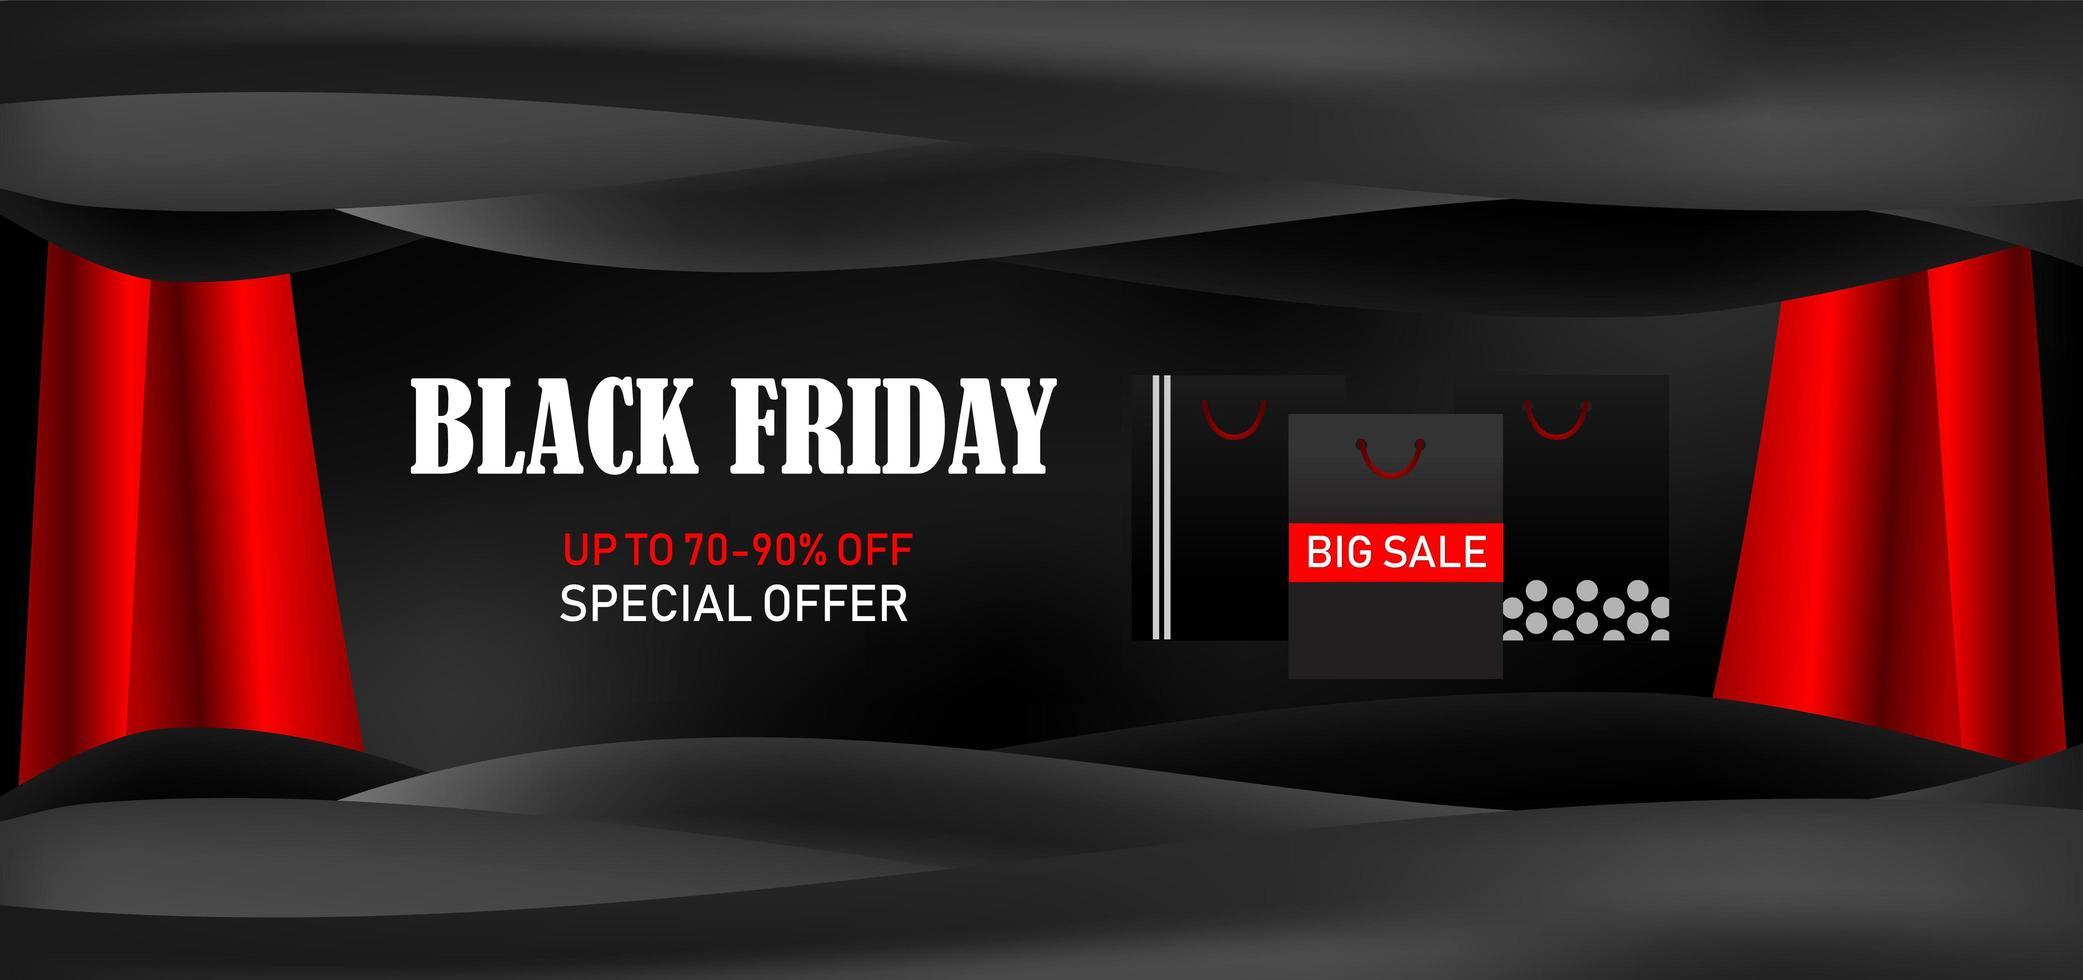 banner di offerta speciale promozione grande vendita venerdì nero vettore